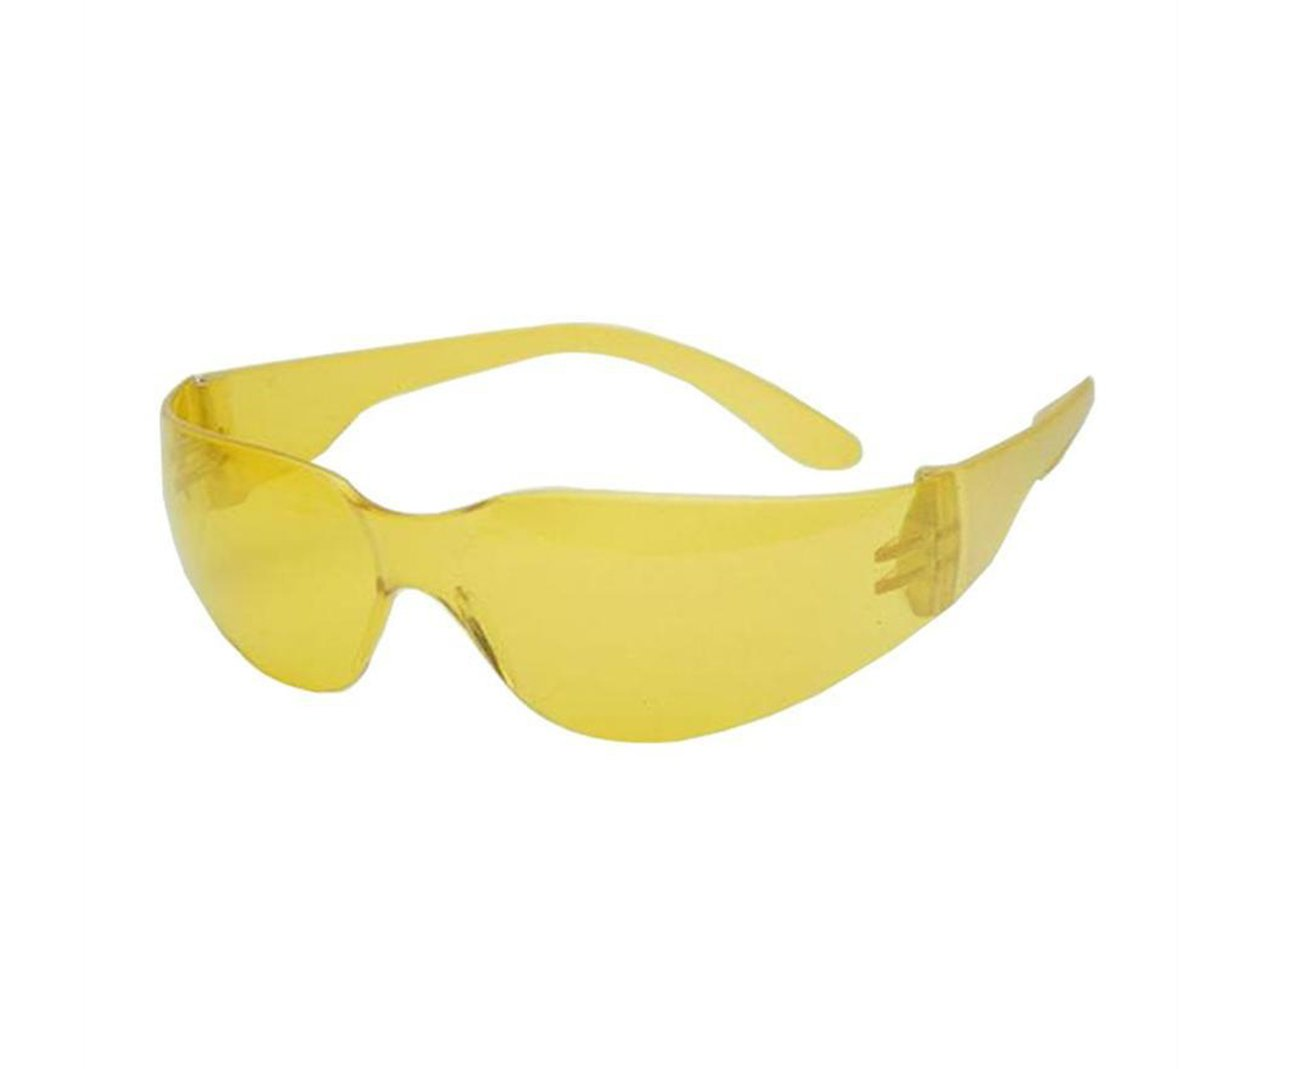 óculos De Segurança Raios Uva E Uvb Leopardo Amarelo - Kalipso